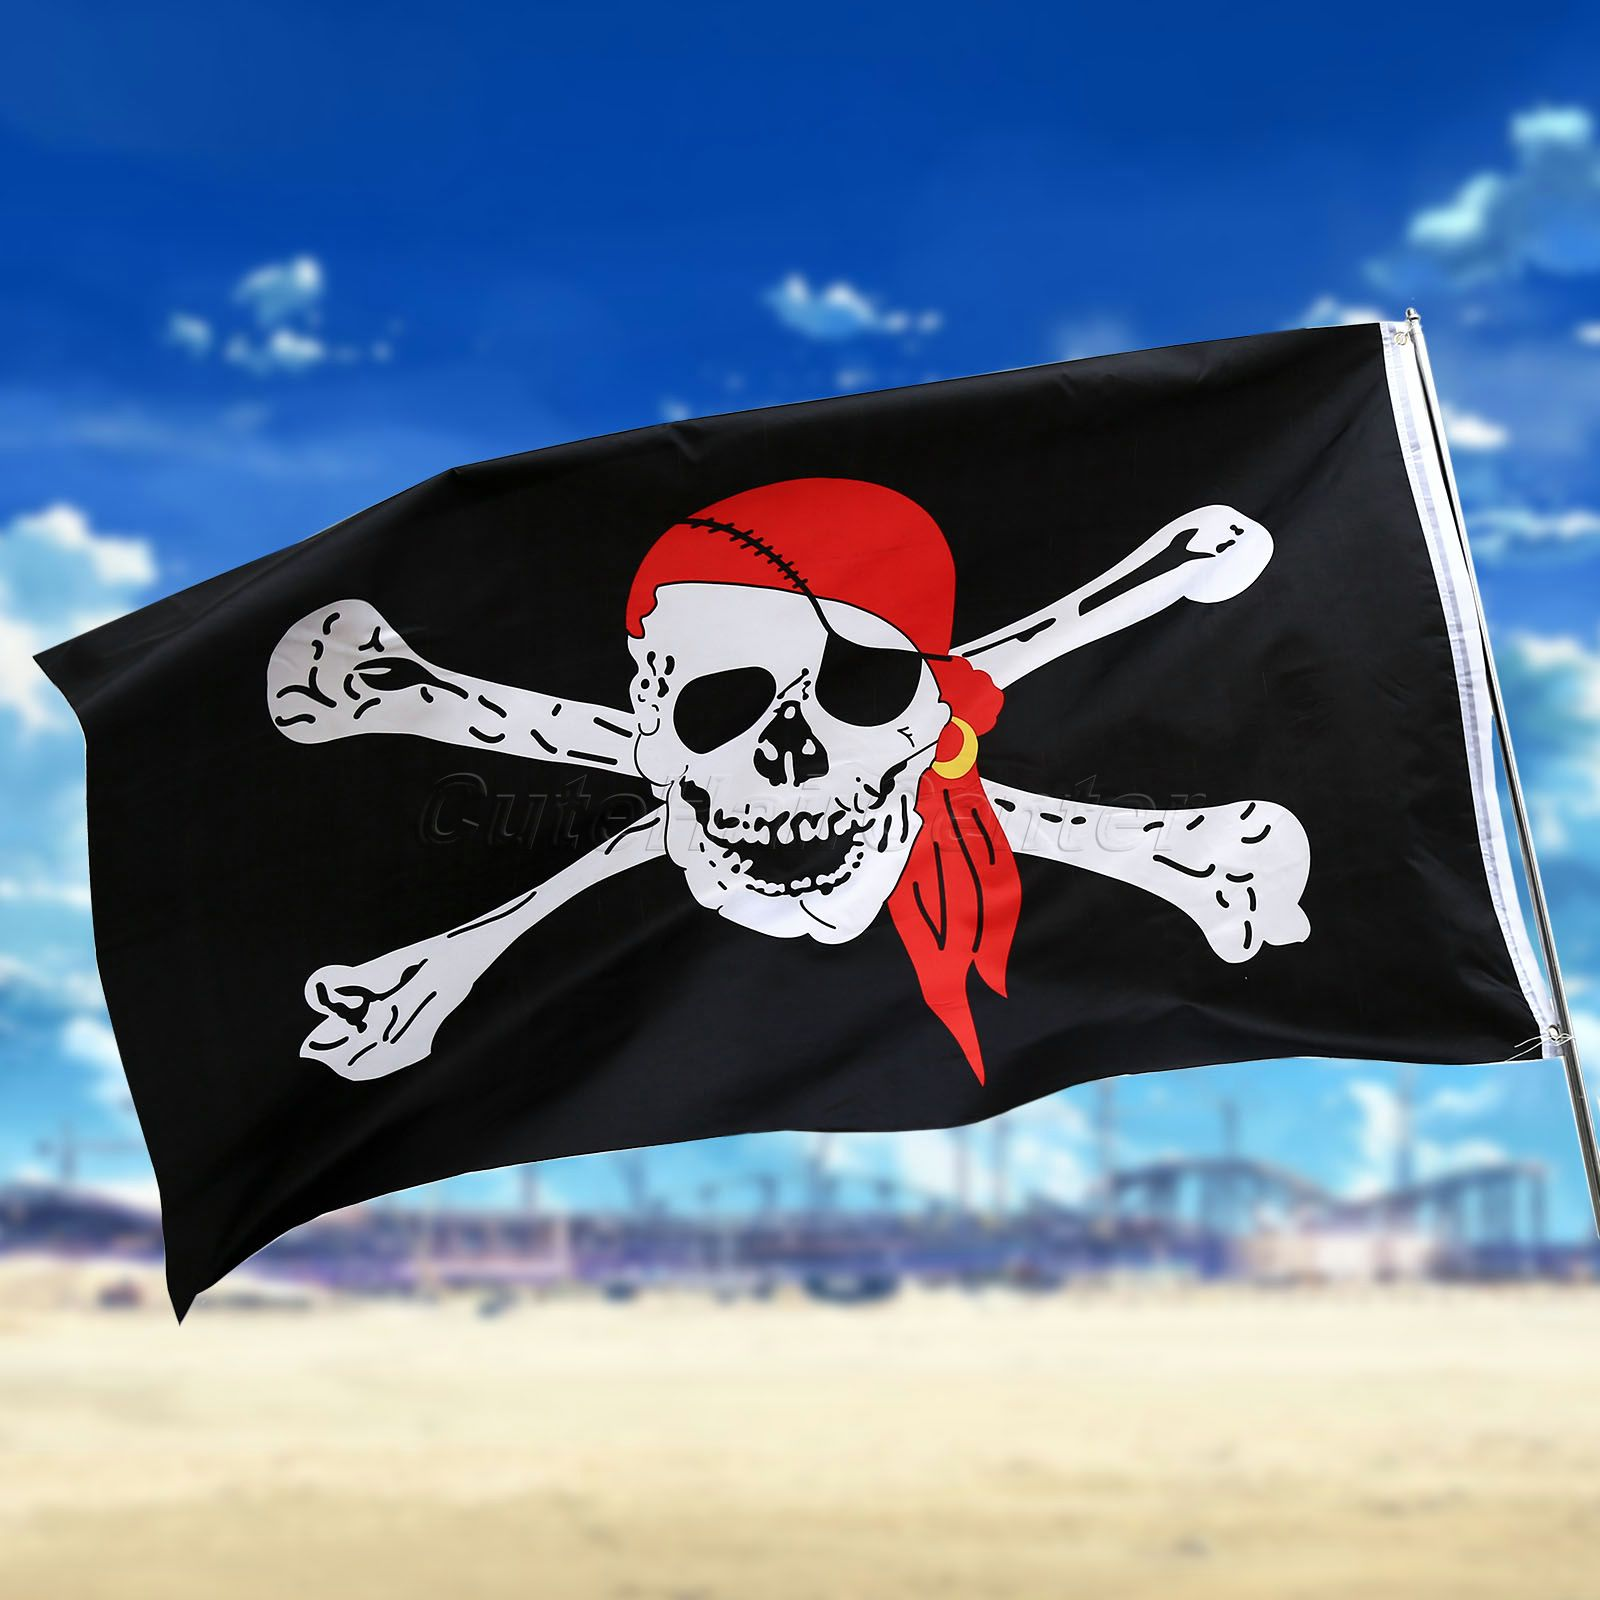 пираты картинки роджер если вас